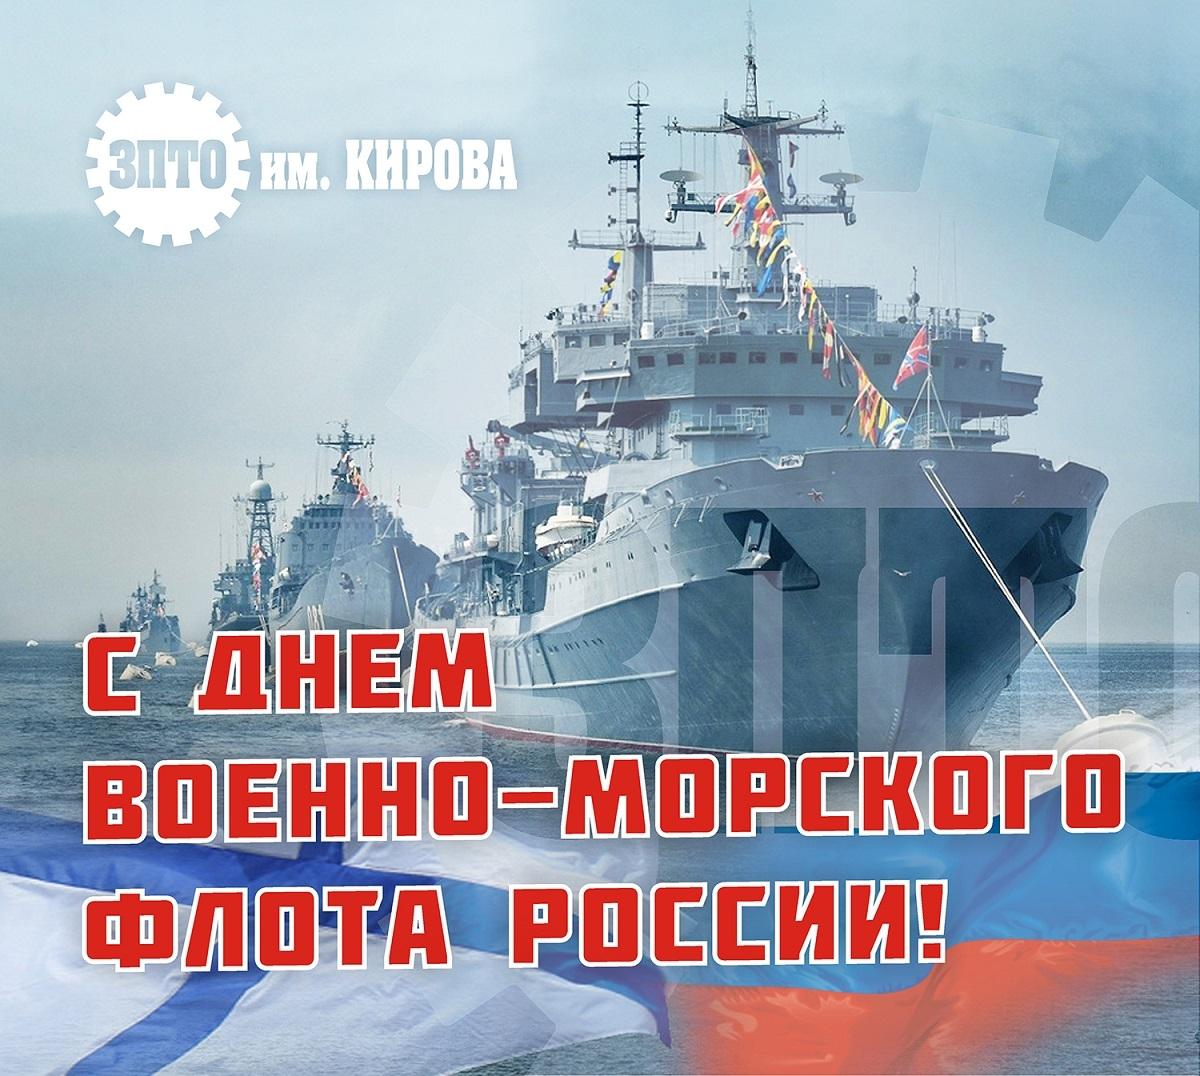 Губернатор поздравление с днем военно-морского флота